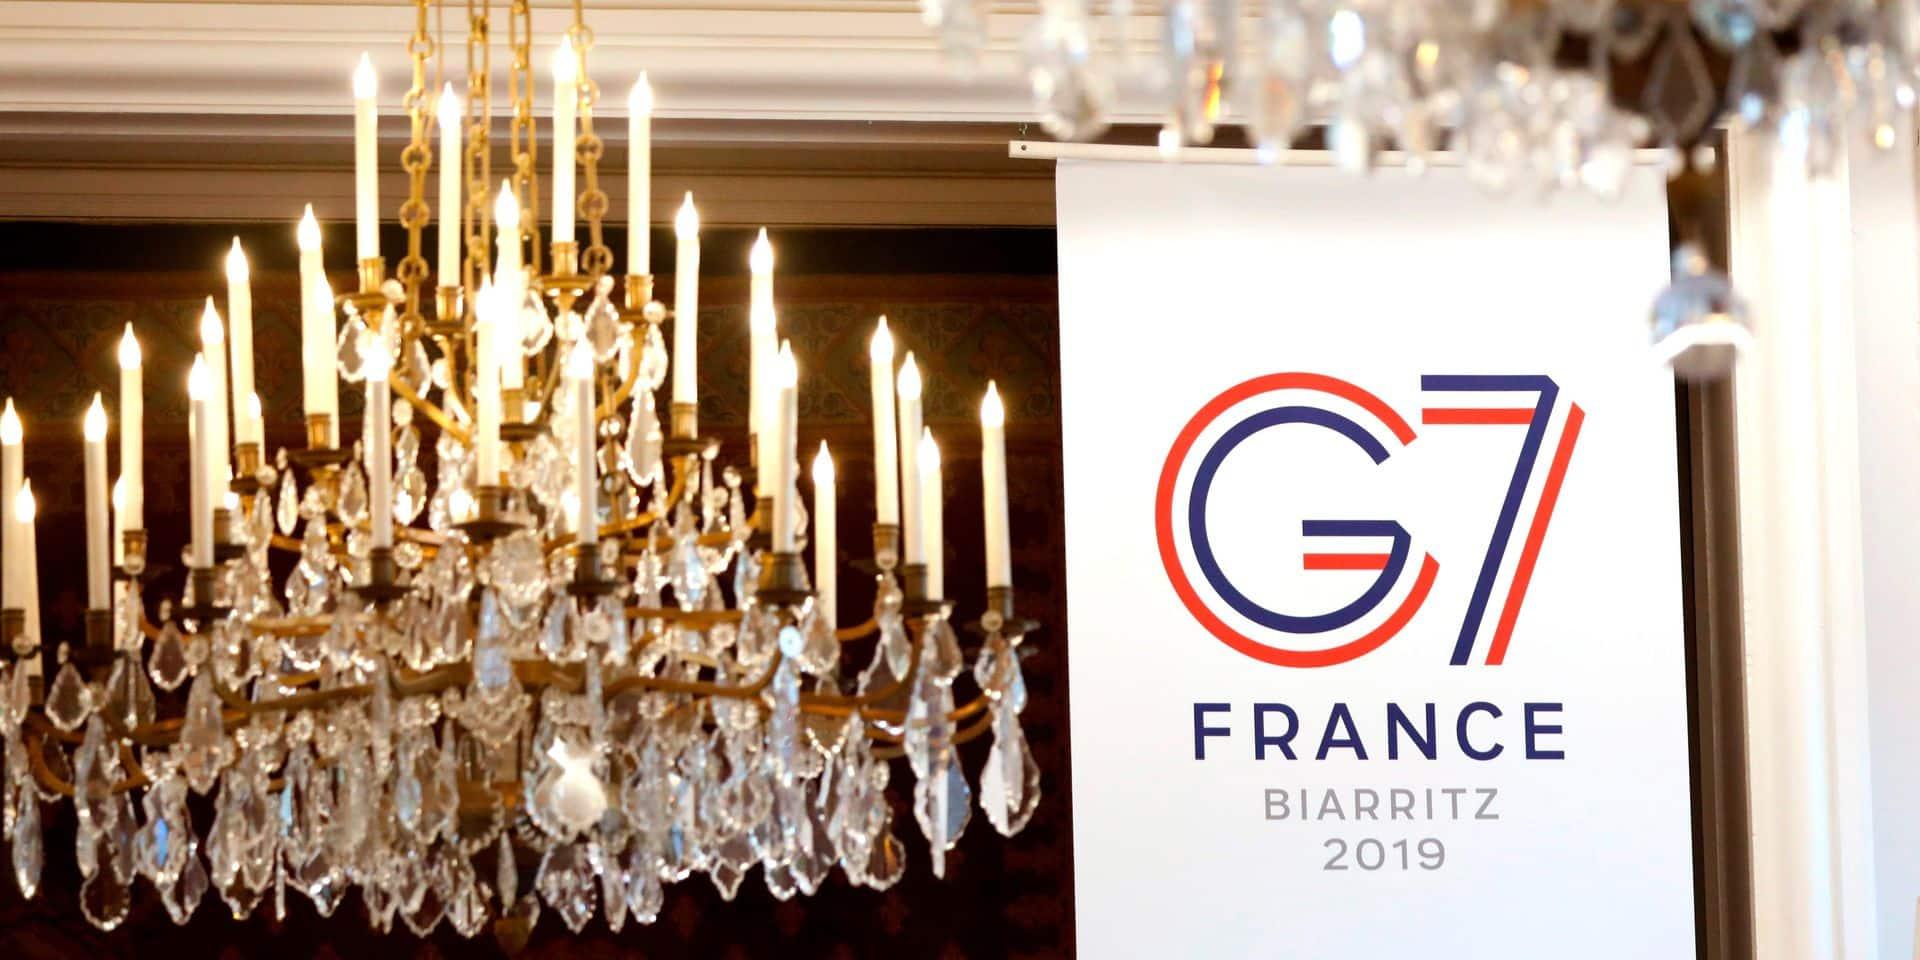 """G7: un dispositif de sécurité """"extrêmement lourd"""" et """"inédit"""" à Biarritz"""